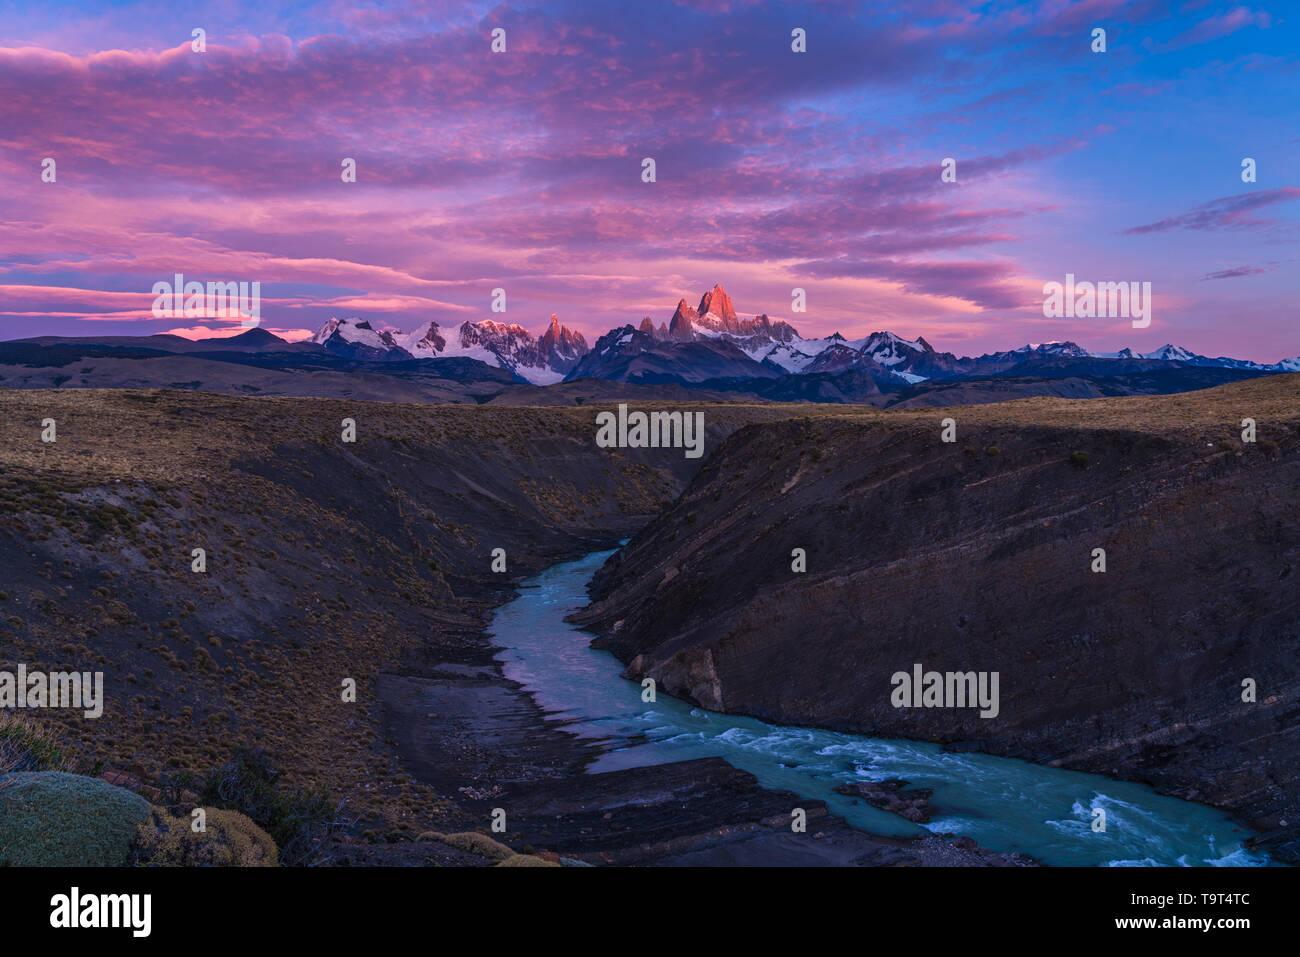 Las nubes de colores en el cielo del amanecer sobre el Monte Fitz Roy y el Rio del las vueltas. Parque Nacional Los Glaciares, cerca de El Chaltén, Argentina. Ot DE LA UNESCO Foto de stock